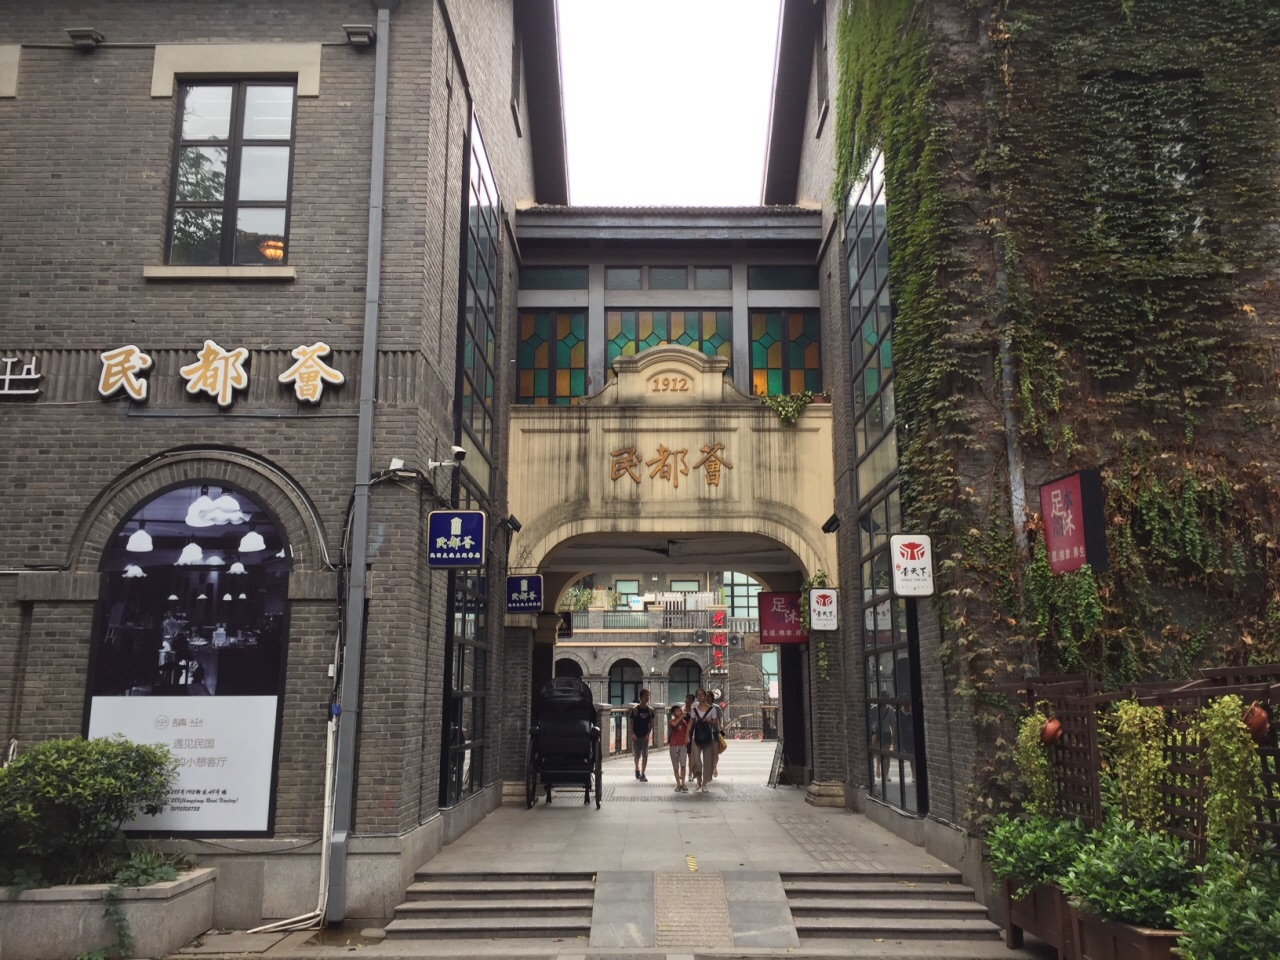 仰光1912街旅游景点攻略图南京攻略百度图片